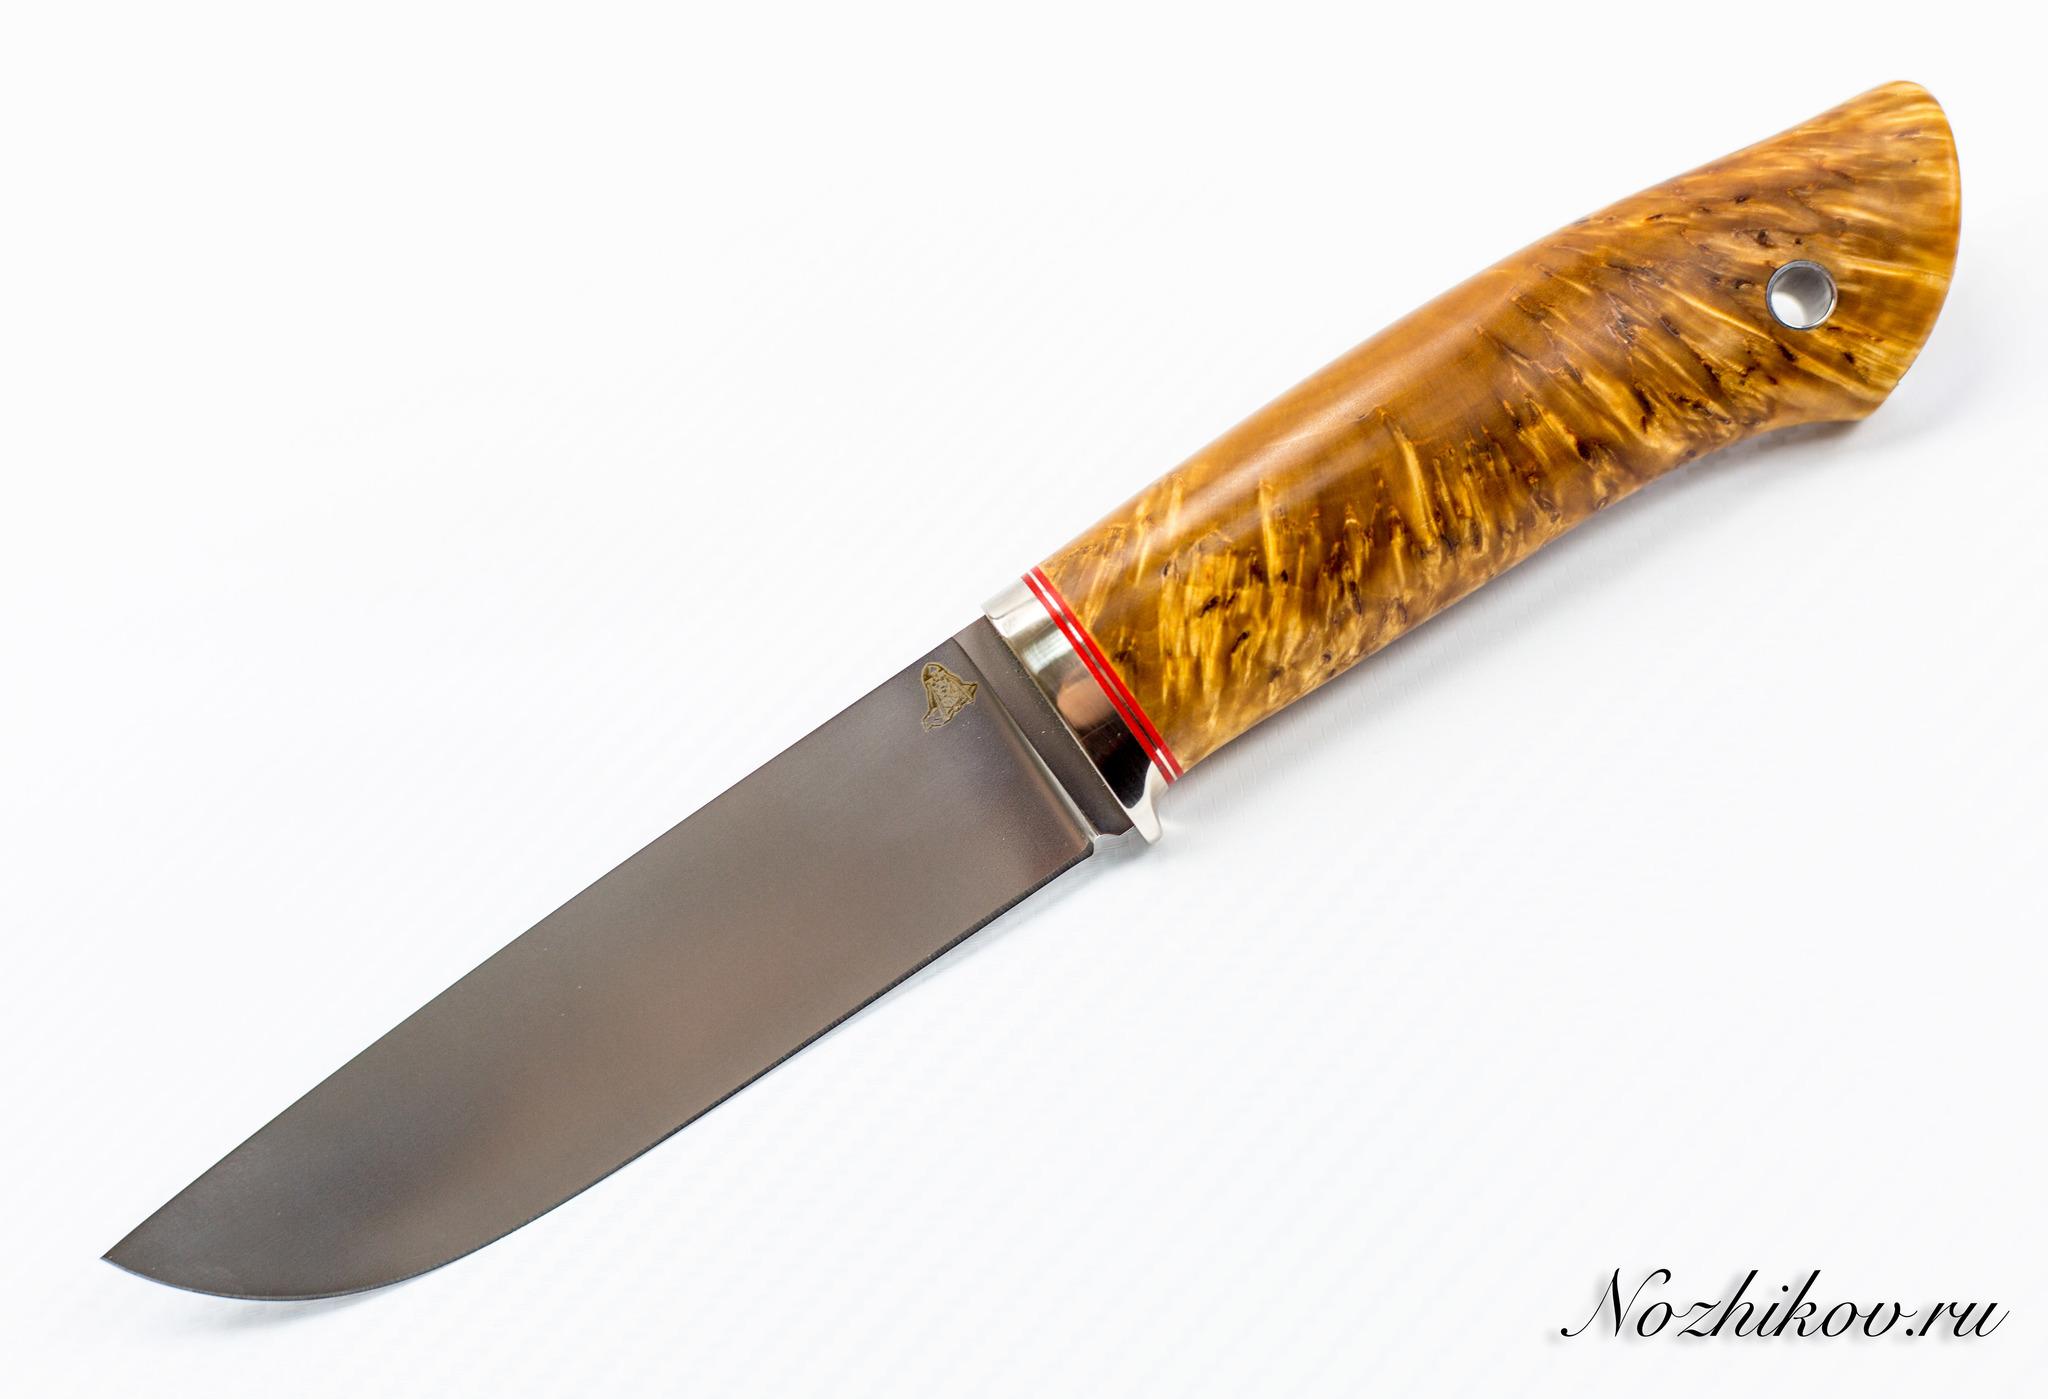 Нож Клык, M390, коричневыйНожи Ворсма<br>Нож Клык, M390<br>